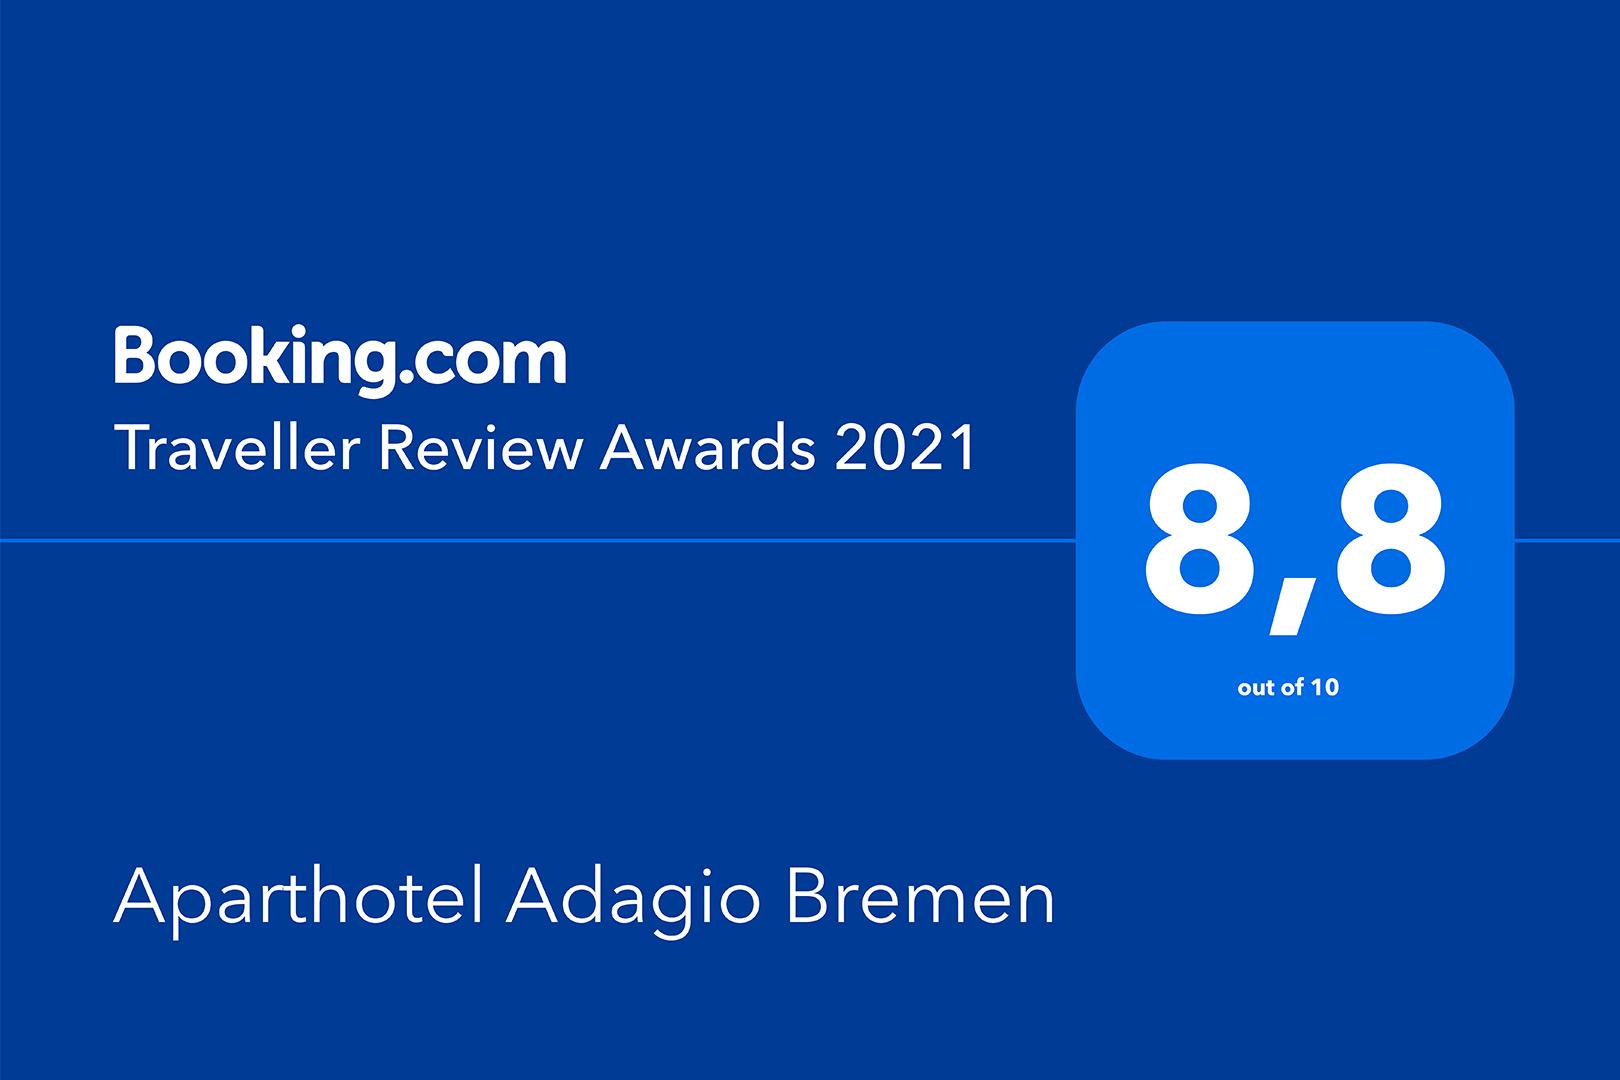 Aparthotel Adagio Bremen - Traveller Review Award 2021